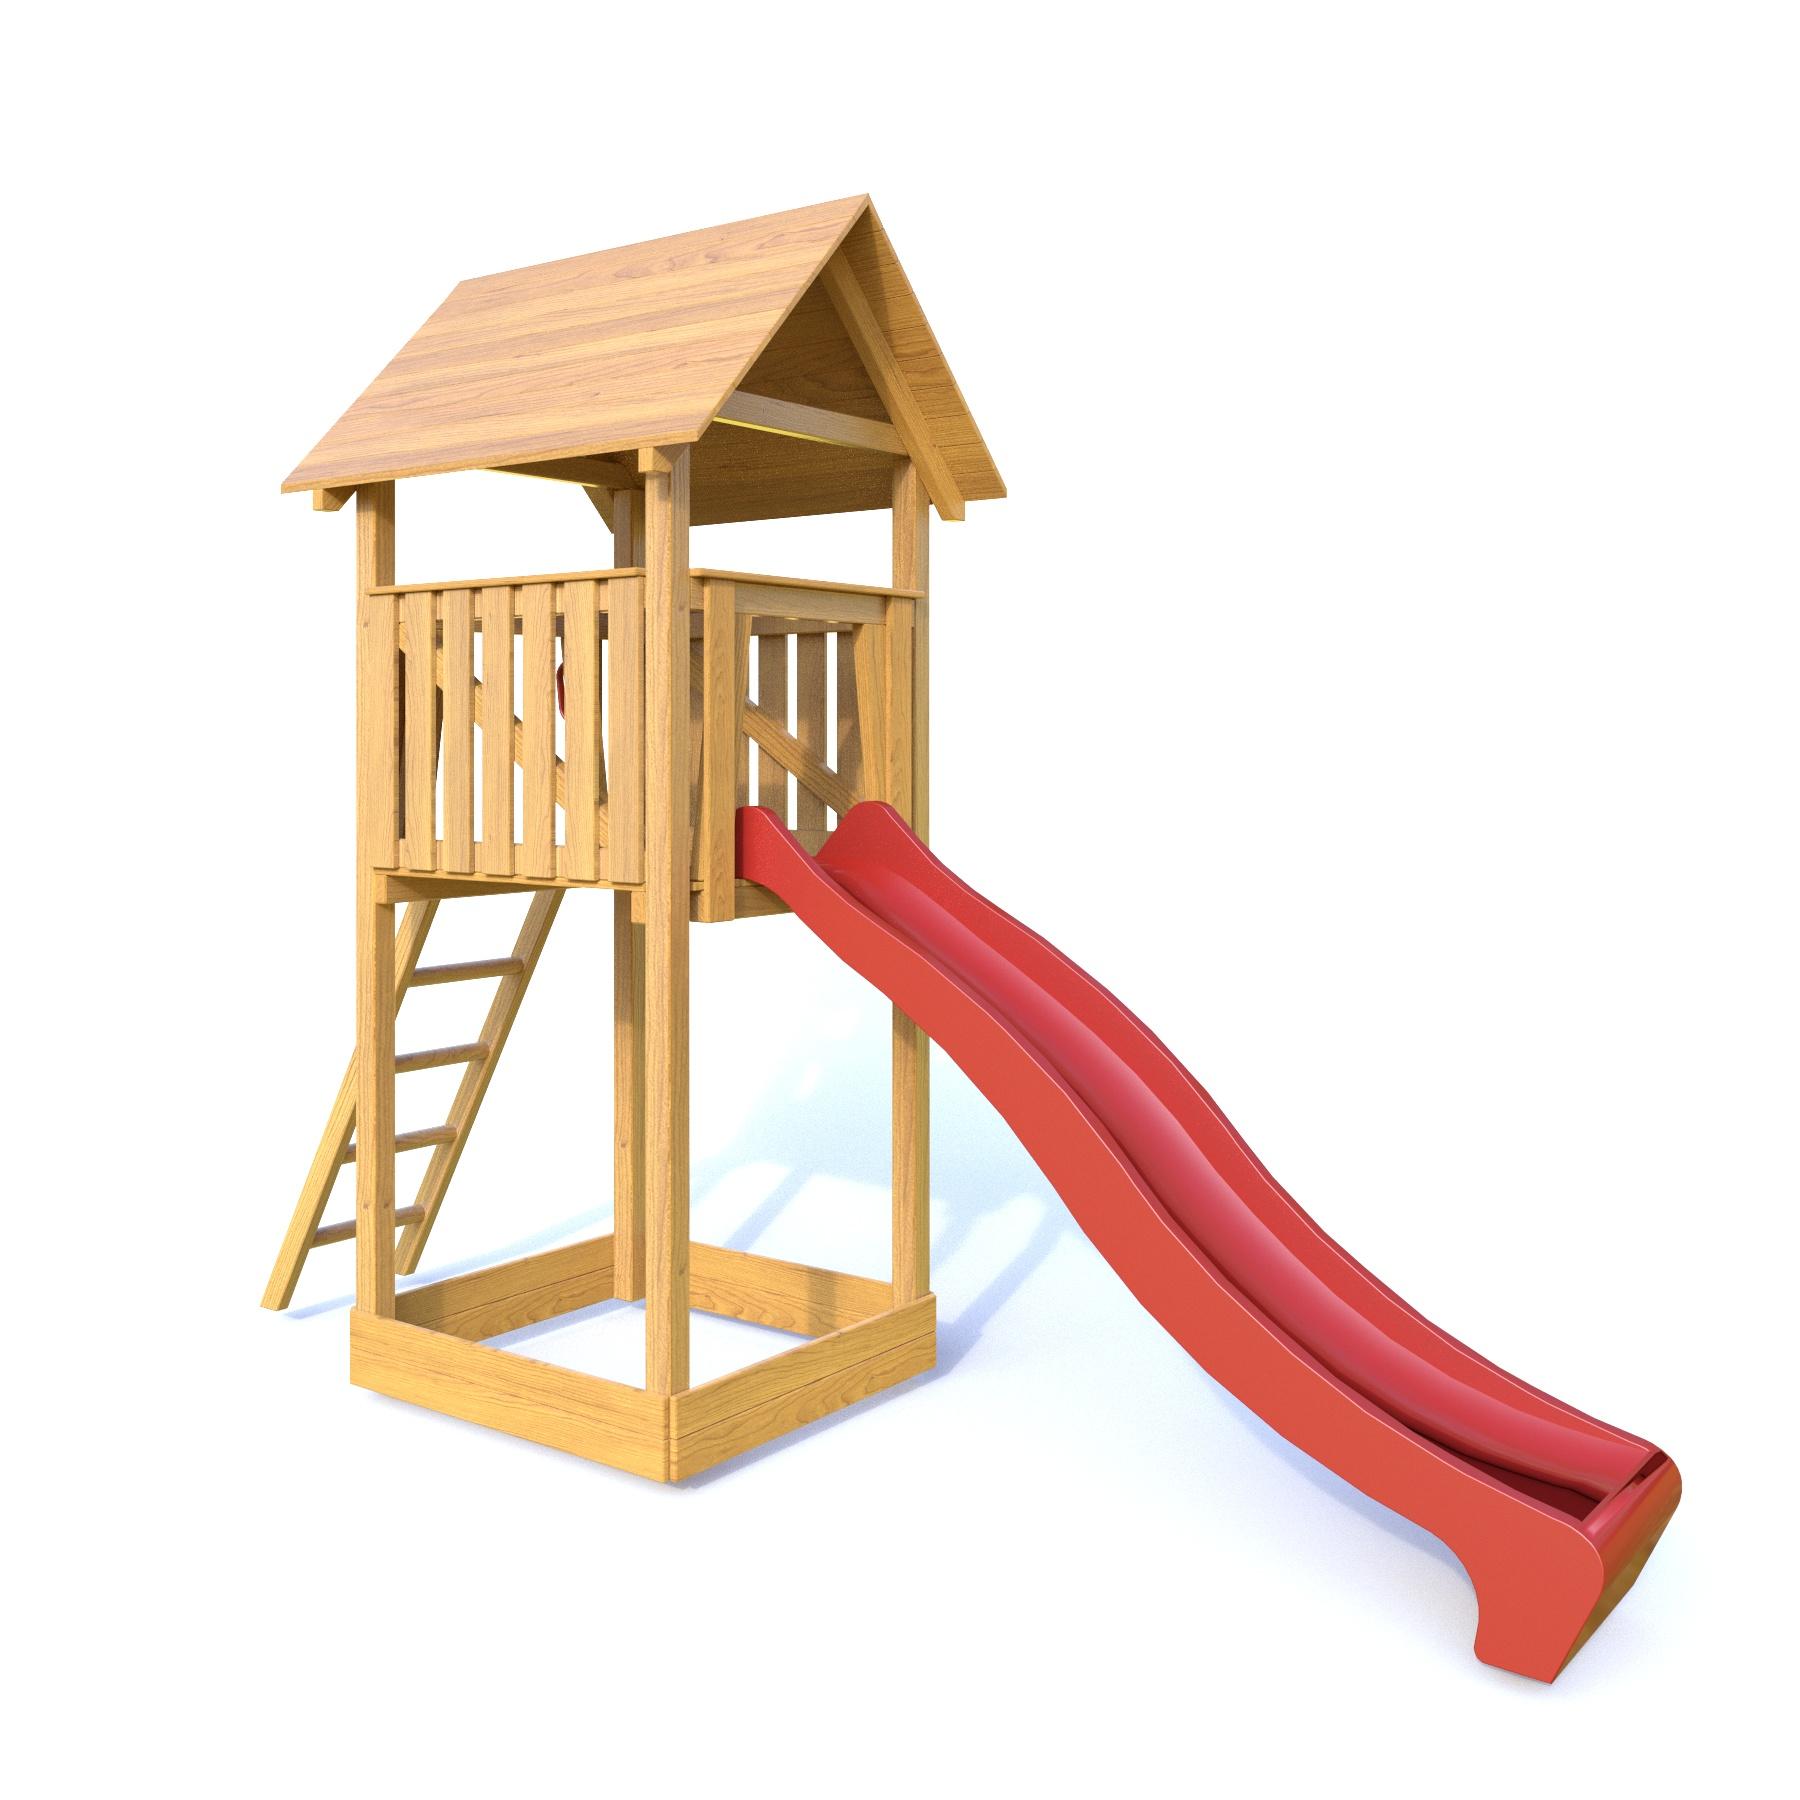 Dřevěné dětské hřiště - Stavebnice hřiště Lucinka